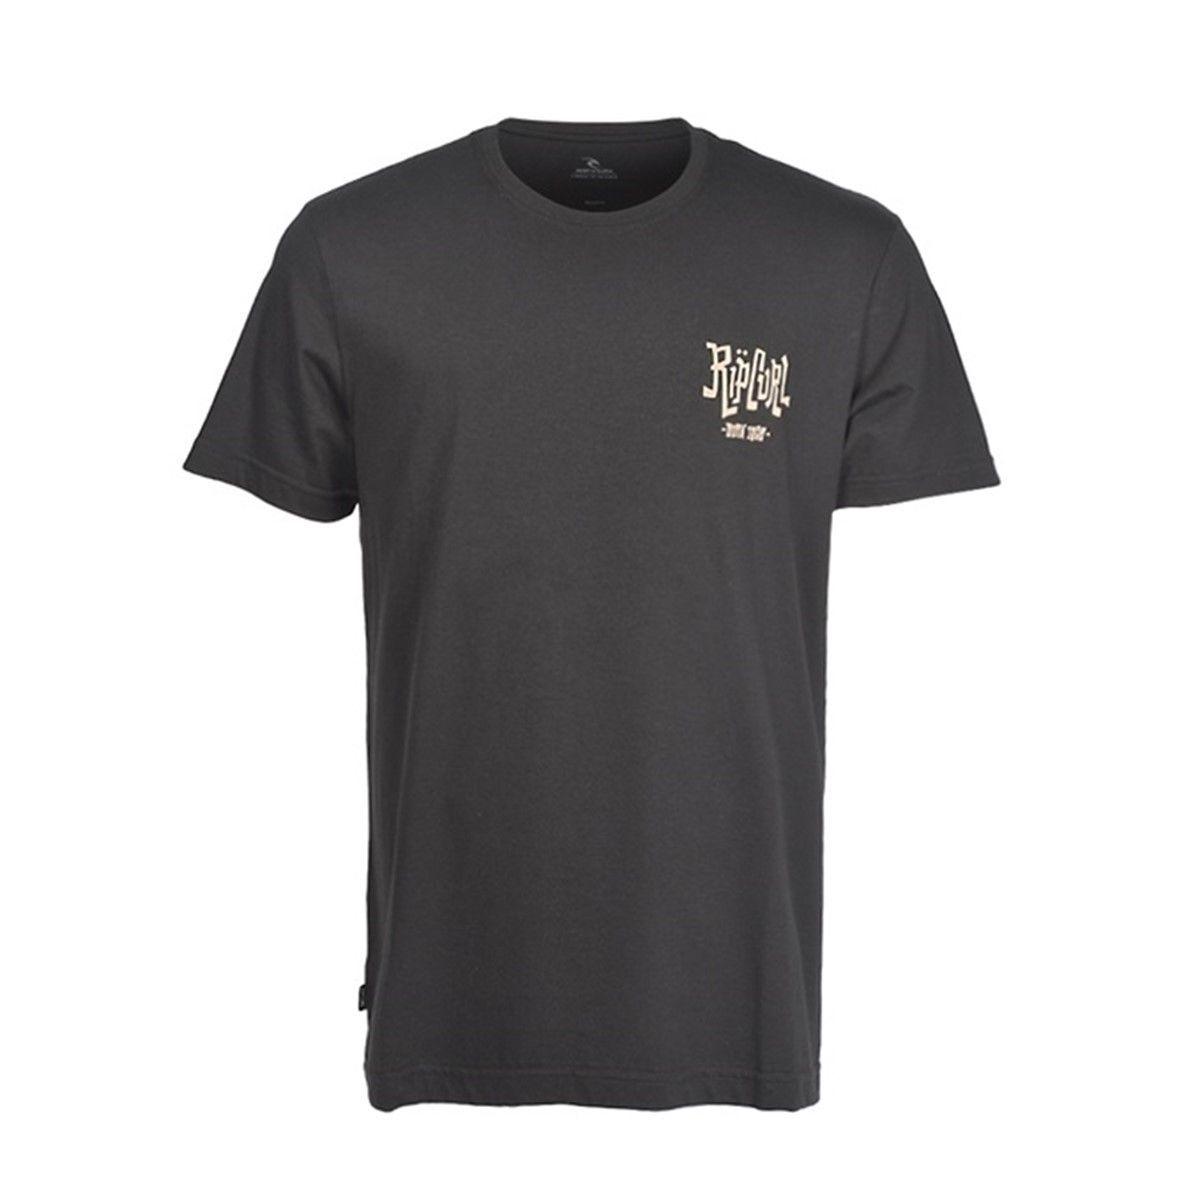 Camiseta Rip Curl Schorched Black